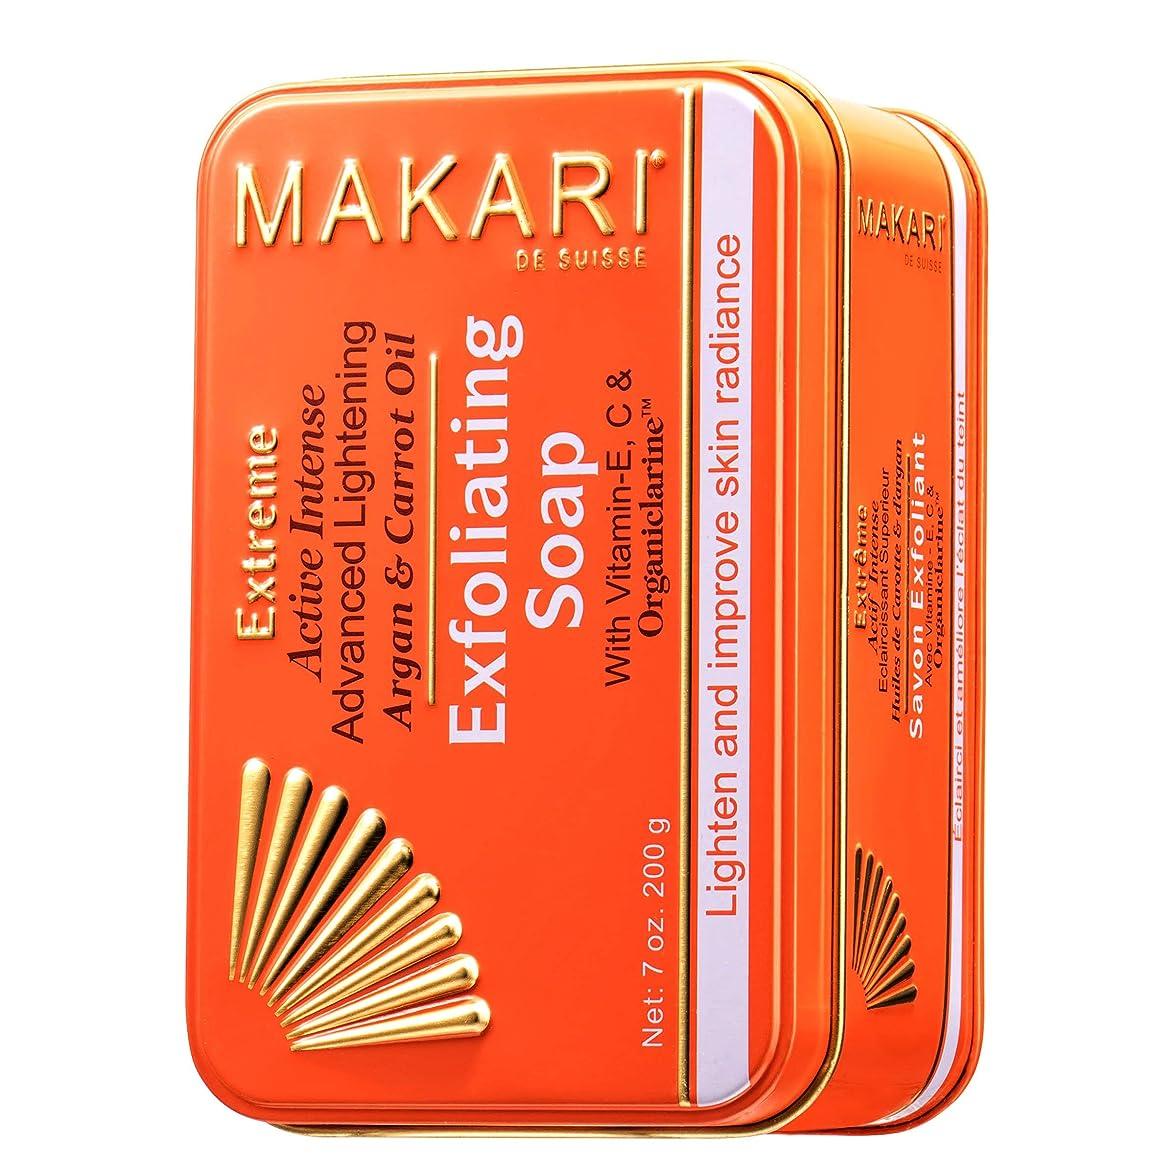 排出告発者補充MAKARI エクストリームキャロット&アルガンオイル固形石鹸 7オンス? オーガニックラリン配合のアンチエイジング石鹸は古い角質を落とし肌を明るくします ? 黒いシミ、ニキビ跡、日焼けによるシミ、色素過剰のホワイトニングトリートメント